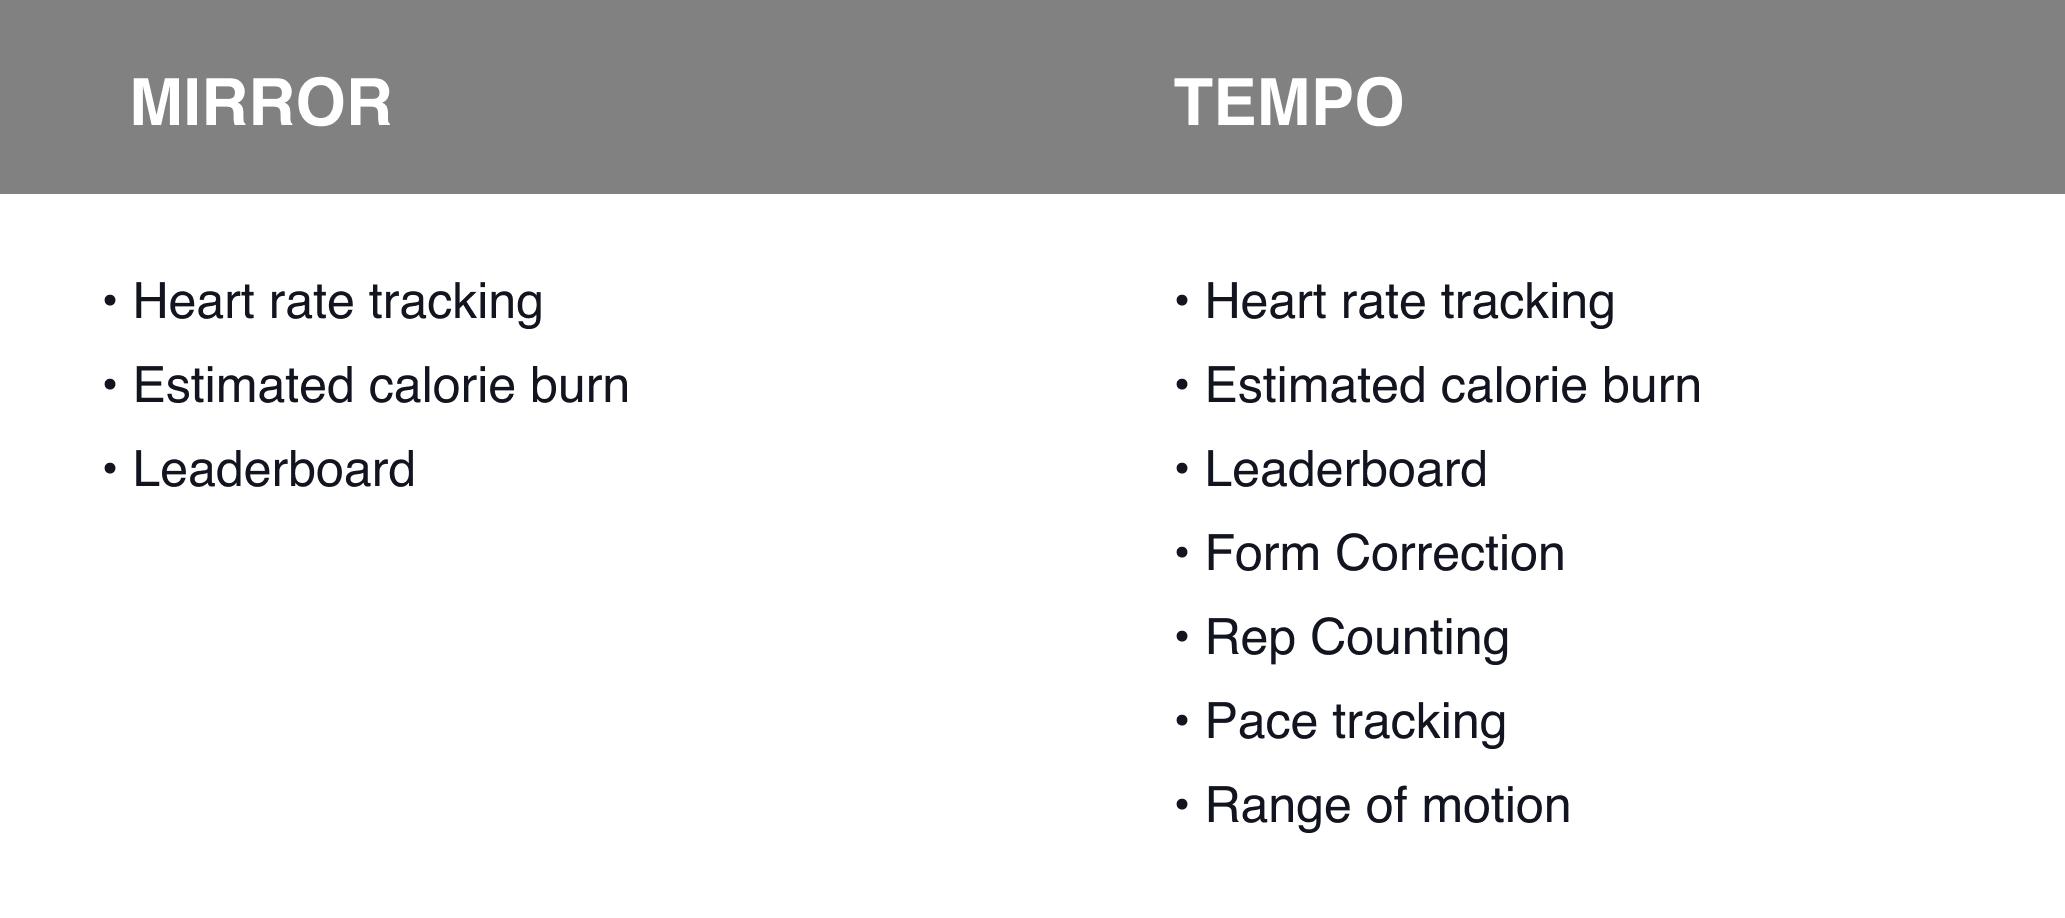 Comparing Mirror and Tempo